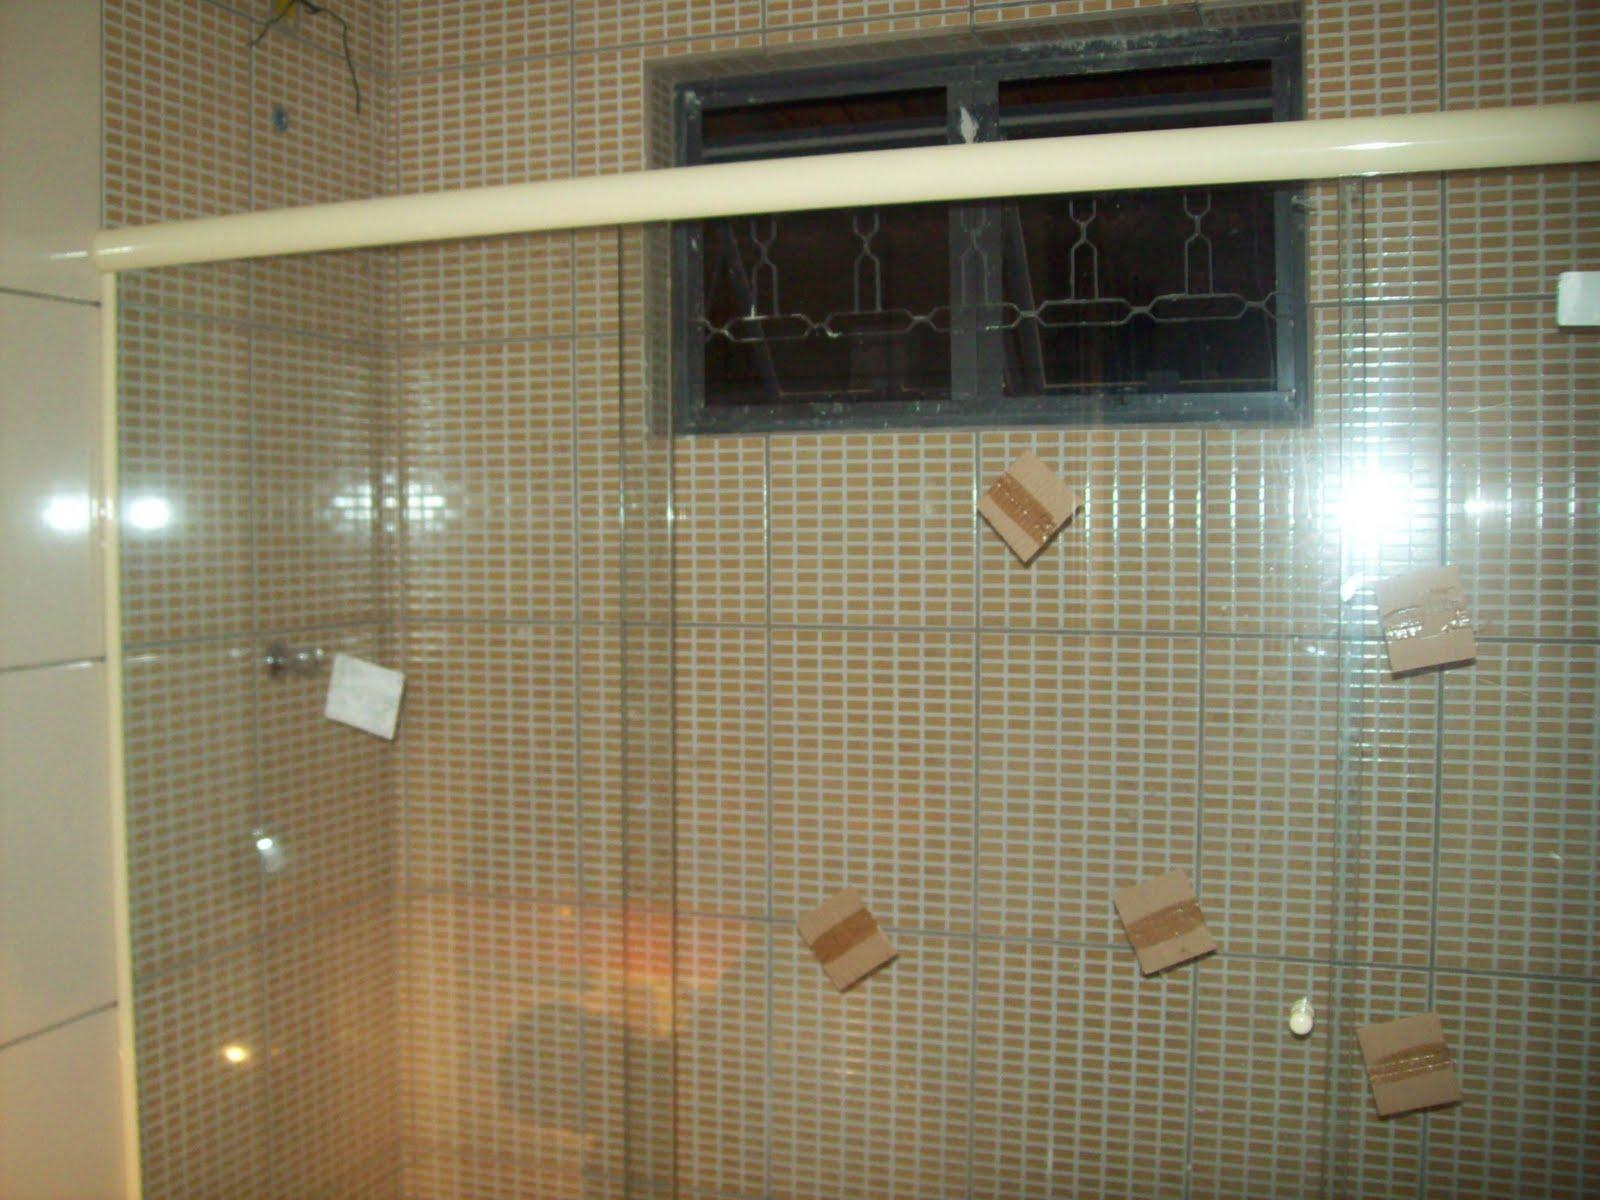 Junho 2010 Simples Assim  #836B48 1600x1200 Banheiro Branco Com Rejunte Escuro